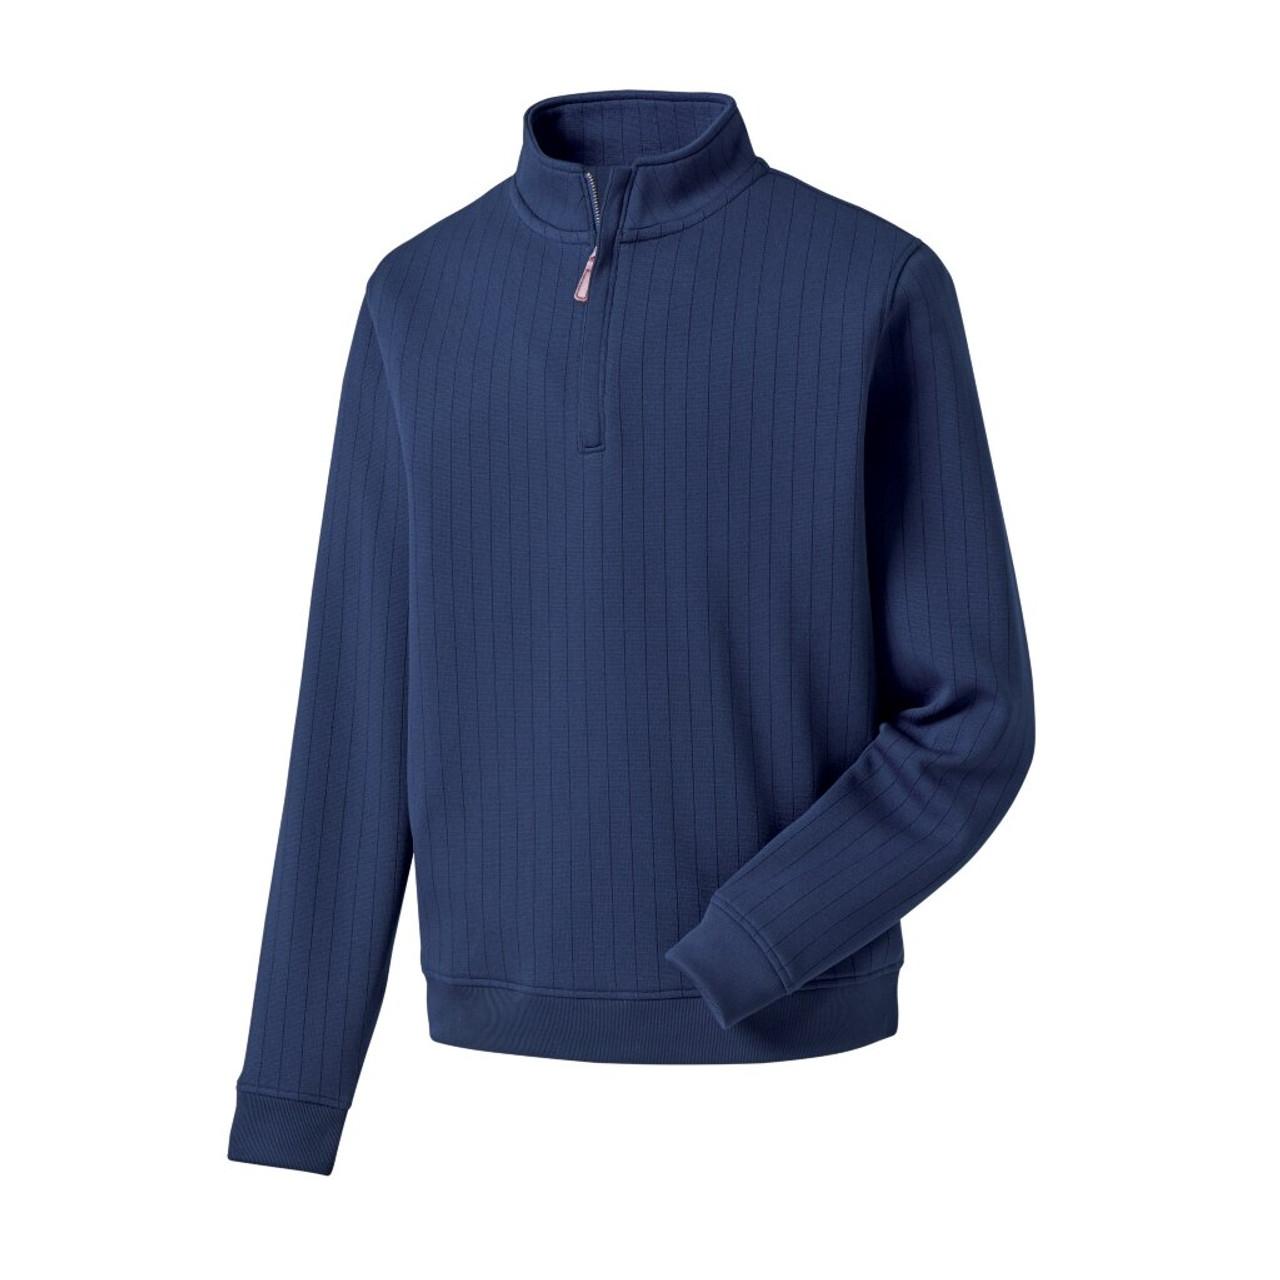 FootJoy Drop Needle Half-Zip Pullover - Navy (27271)